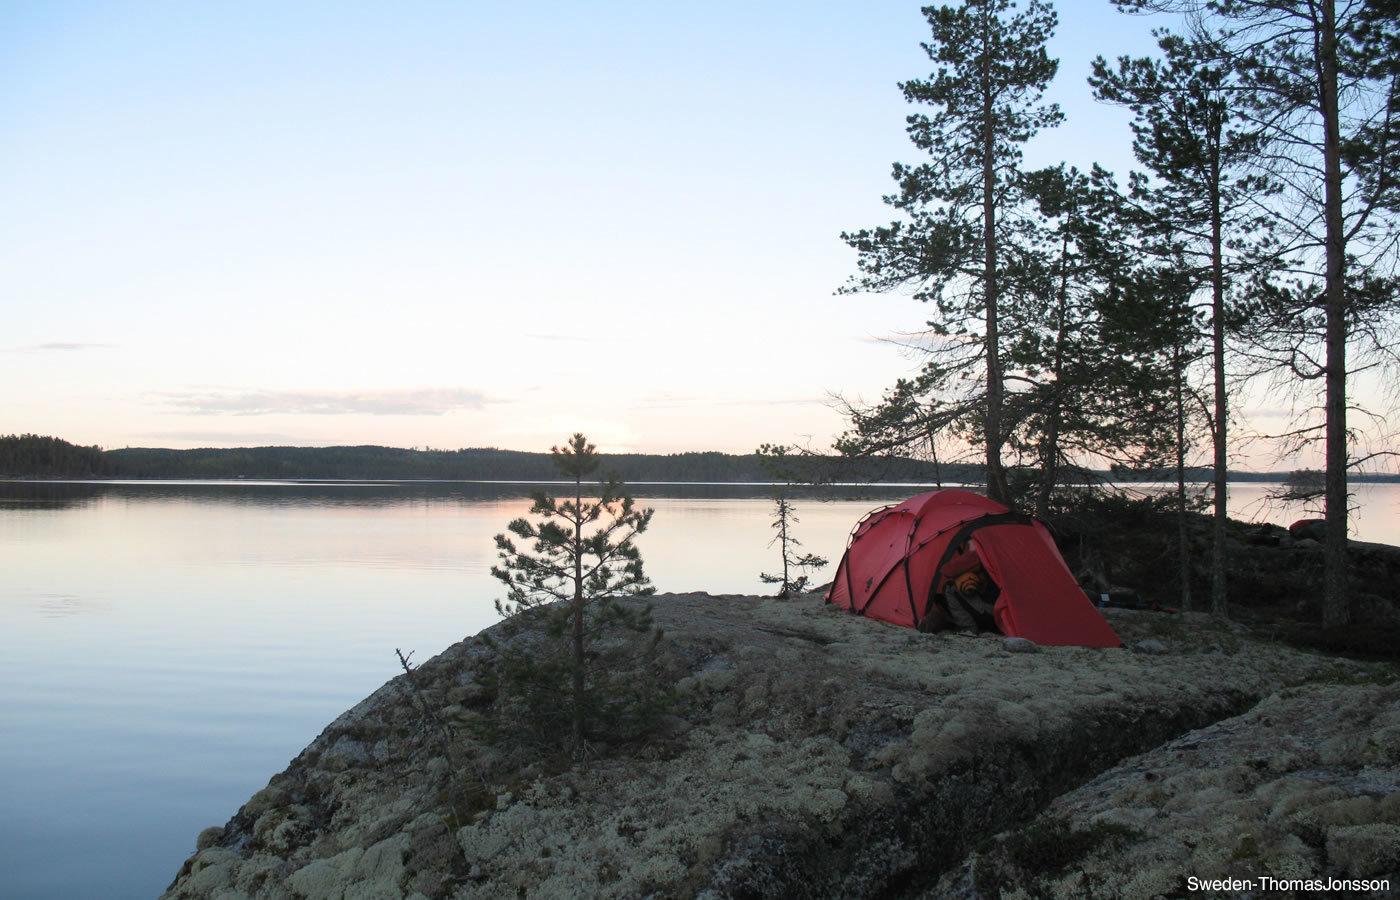 ヒルバーグ(HILLBERG)のおすすめテントをご紹介!おしゃれで機能性抜群のテントでキャンプの楽しさが2倍に